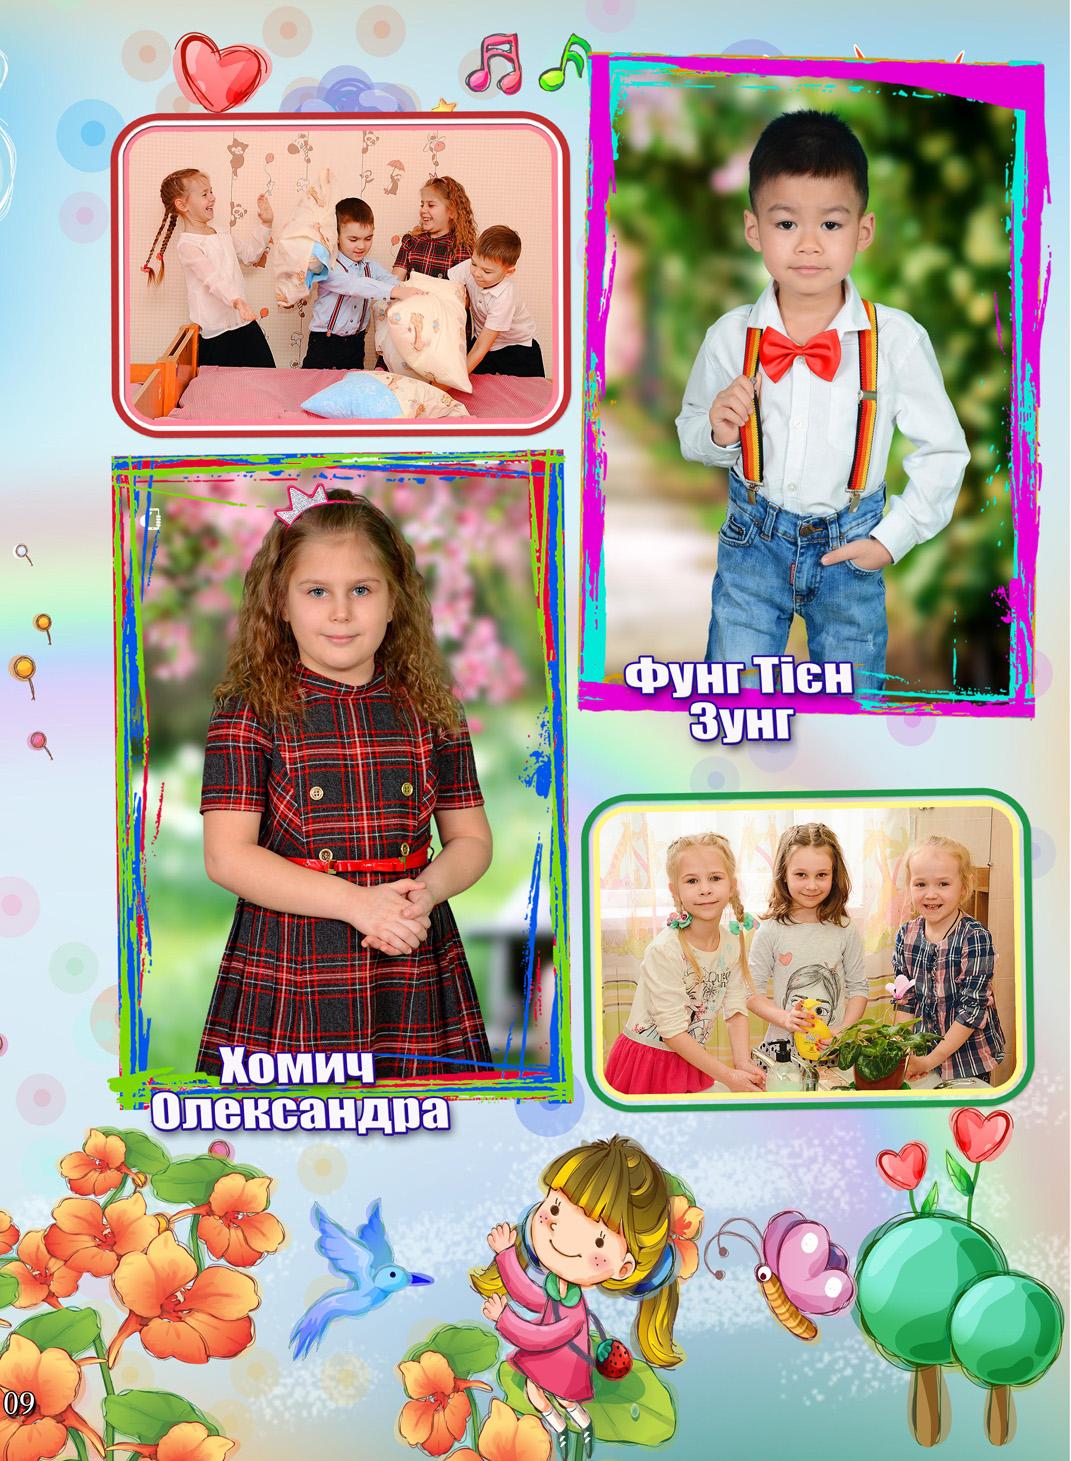 https://school-photo.com.ua/wp-content/uploads/2021/09/09-копия-1.jpg